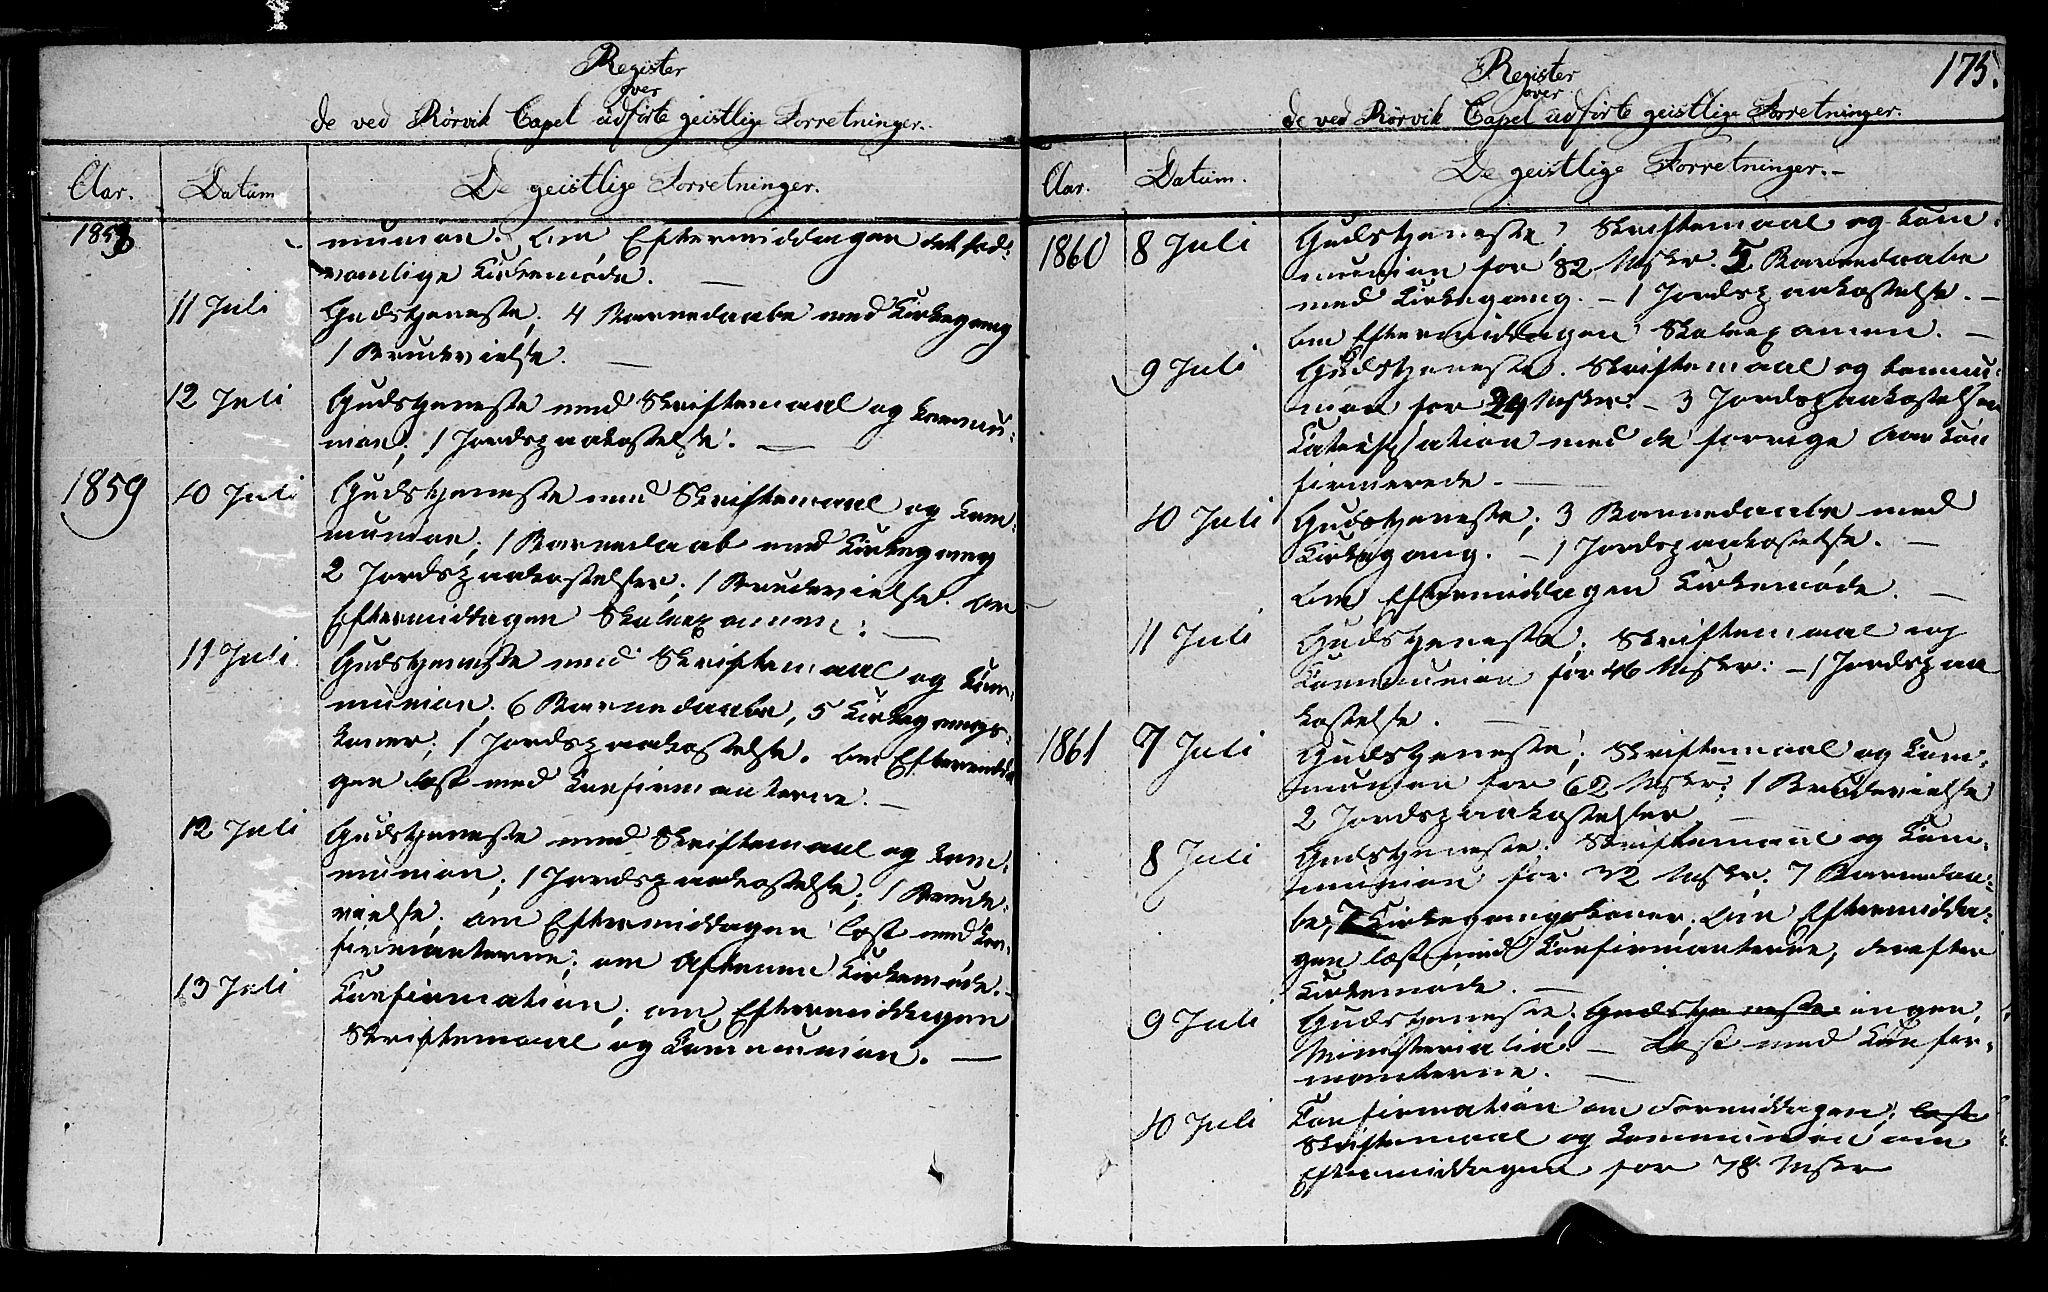 SAT, Ministerialprotokoller, klokkerbøker og fødselsregistre - Nord-Trøndelag, 762/L0538: Ministerialbok nr. 762A02 /1, 1833-1879, s. 175